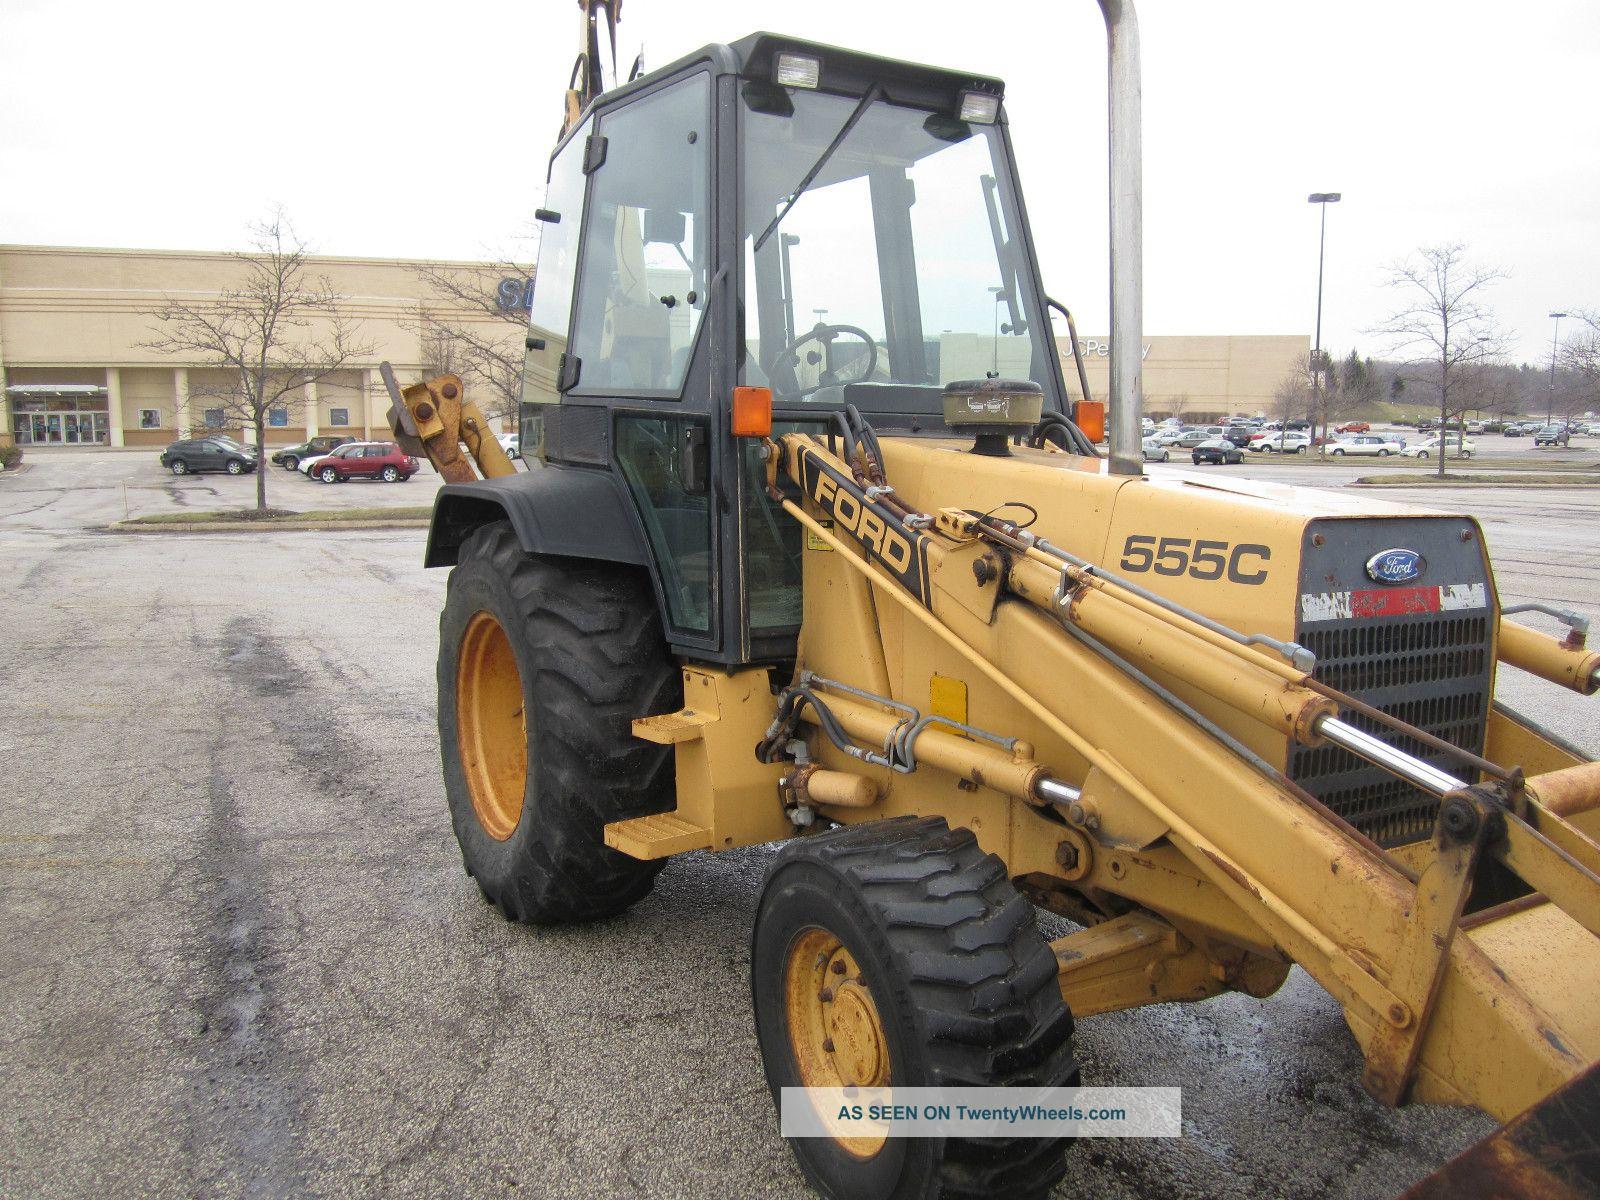 Ford 555c Backhoe Loader Tractor | Ford Backhoe Loader: Ford